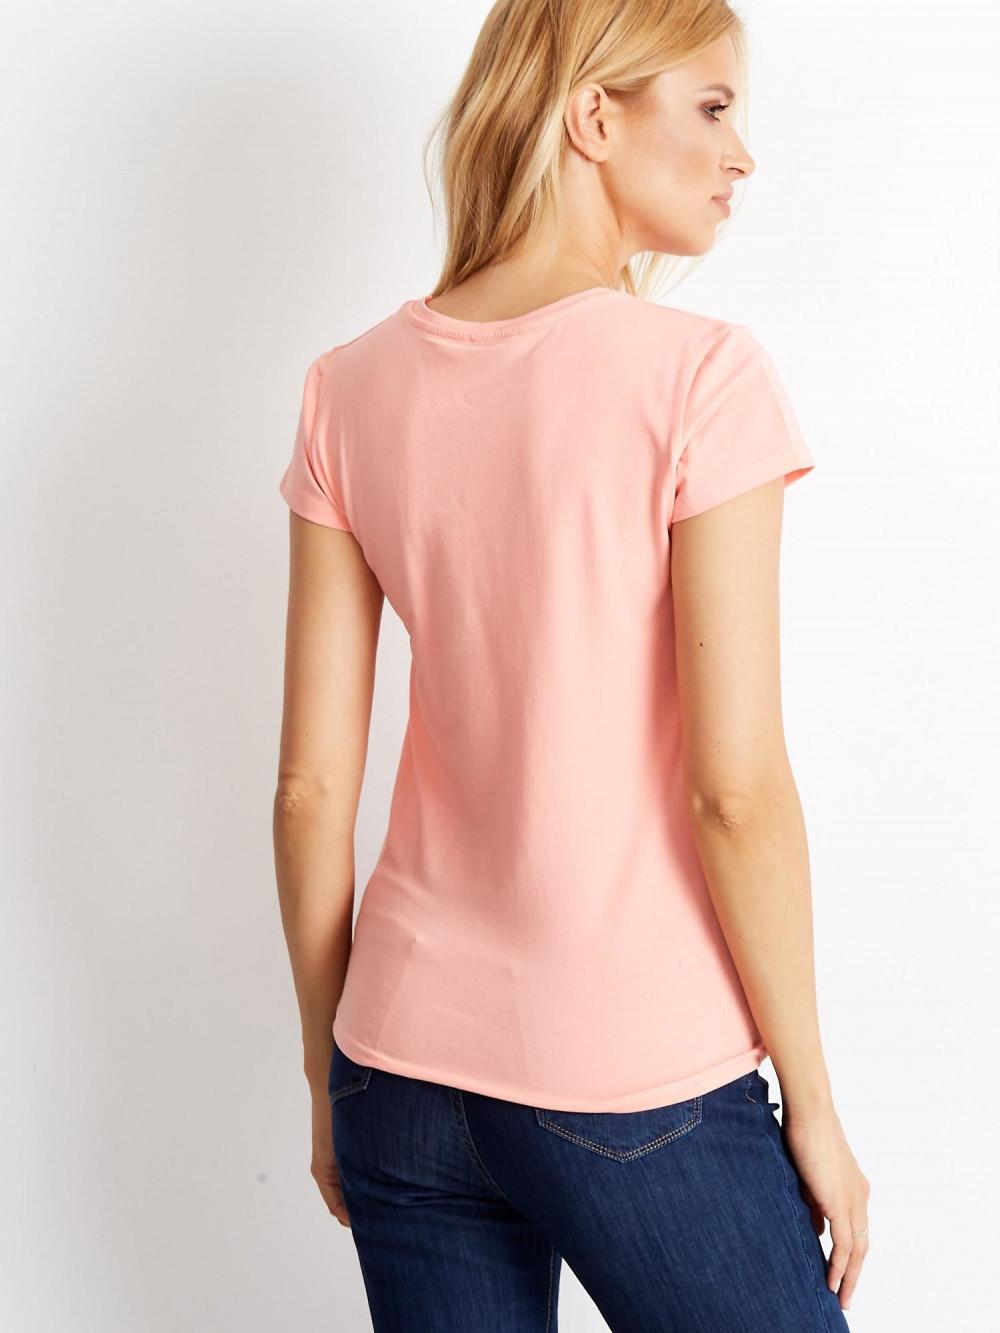 Brzoskwiniowy t-shirt O-Neck Esma 4